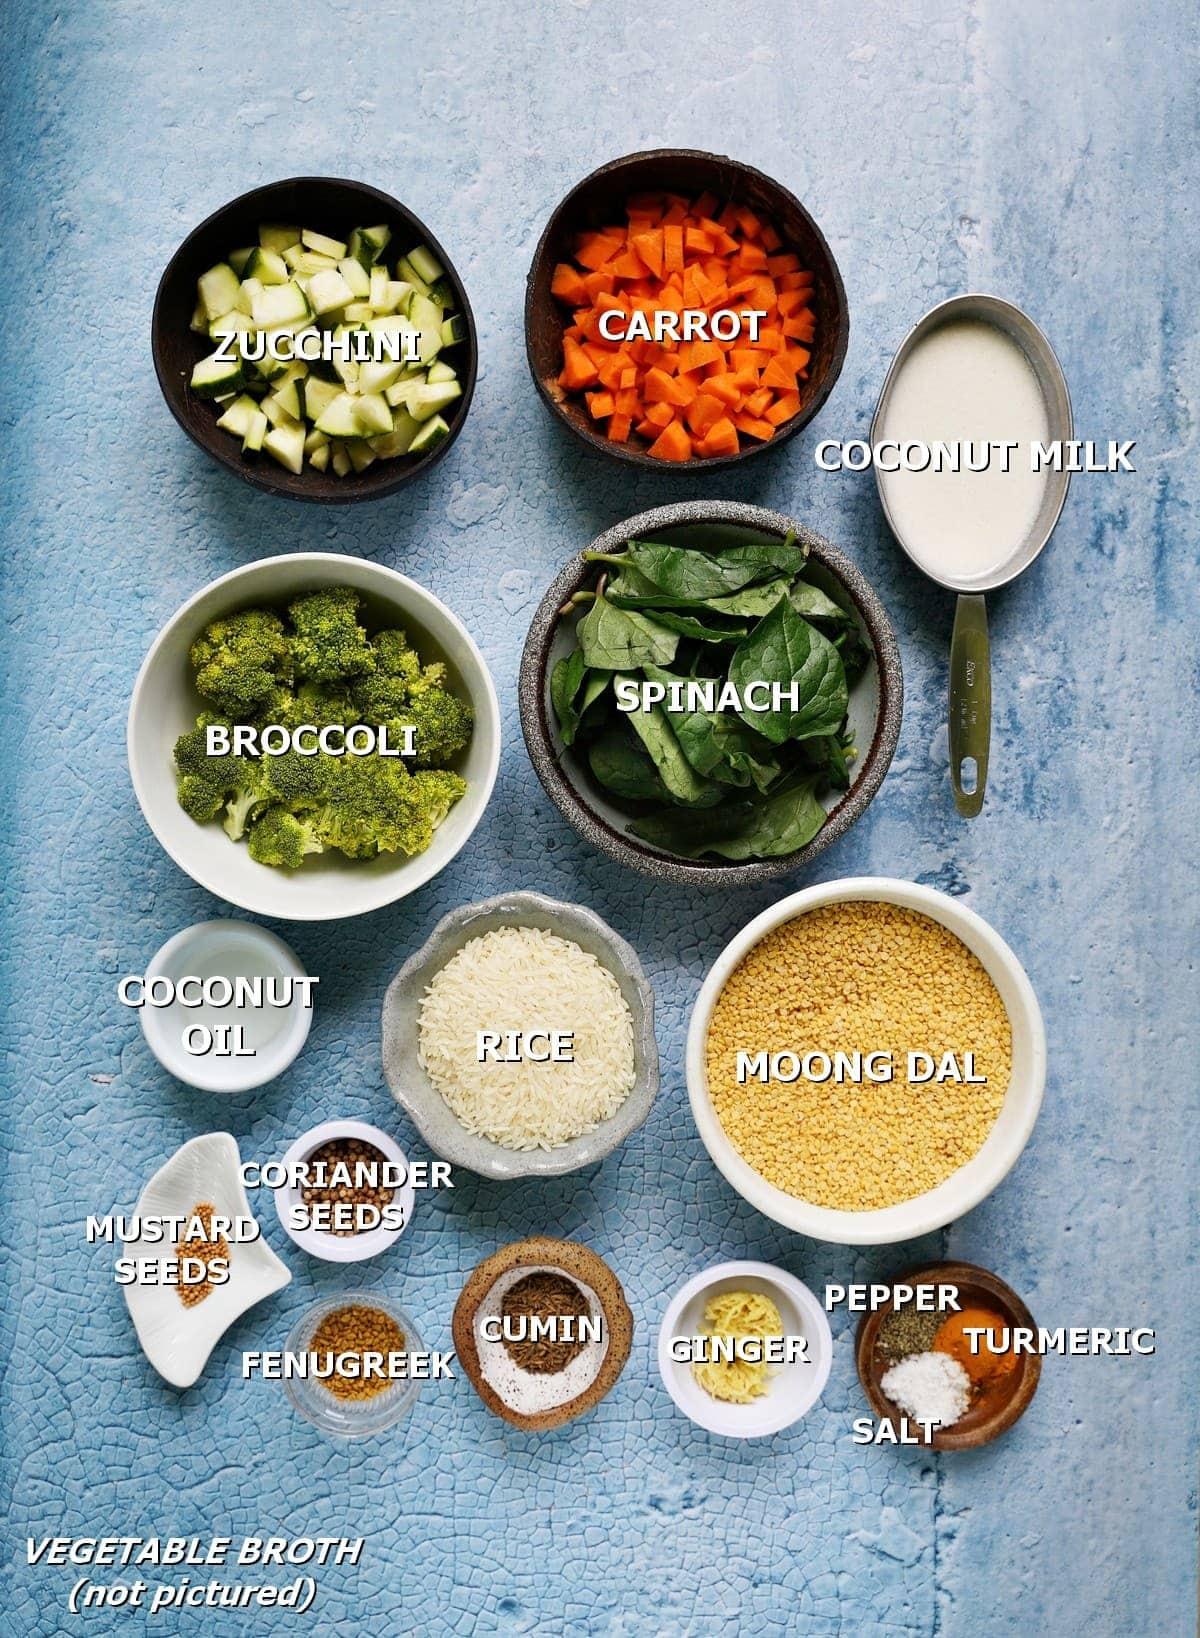 ingredients for ayurvedic moong dal dish